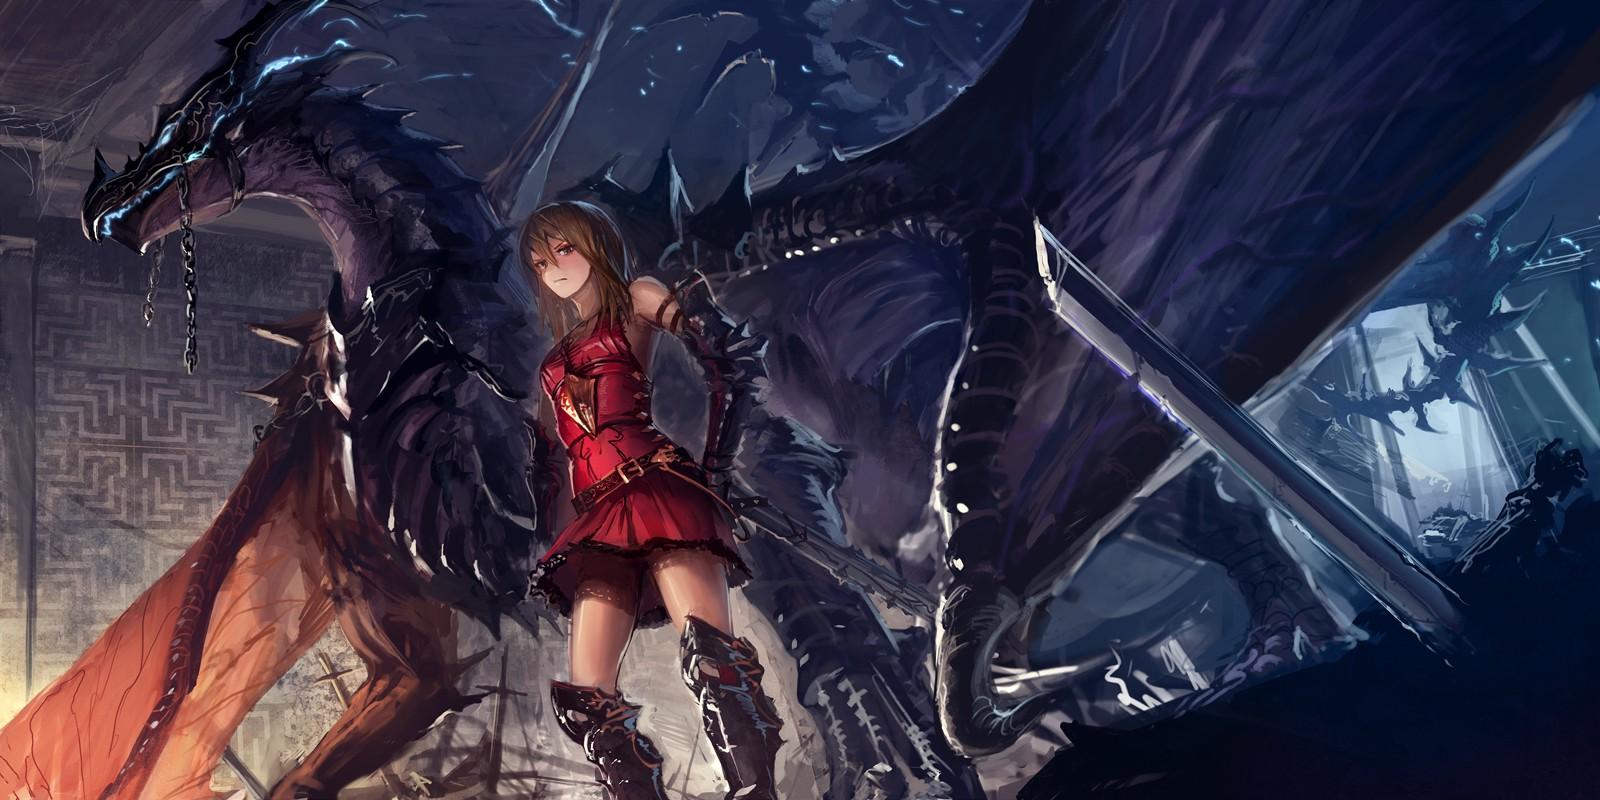 Anime girl with a dragon